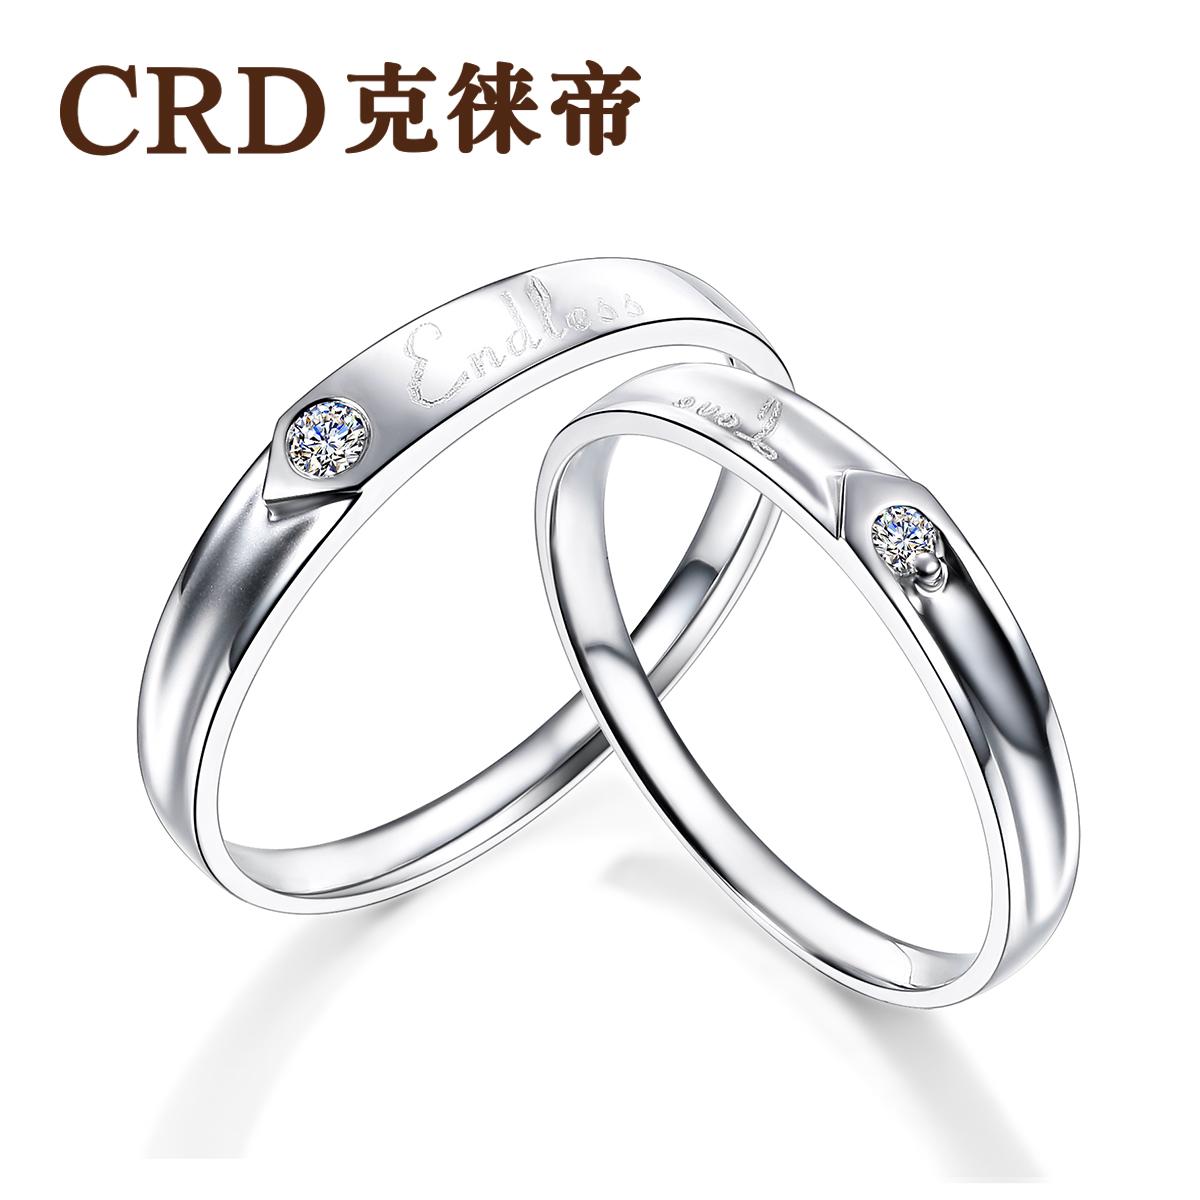 Браслет CRD 9003820/1 18K